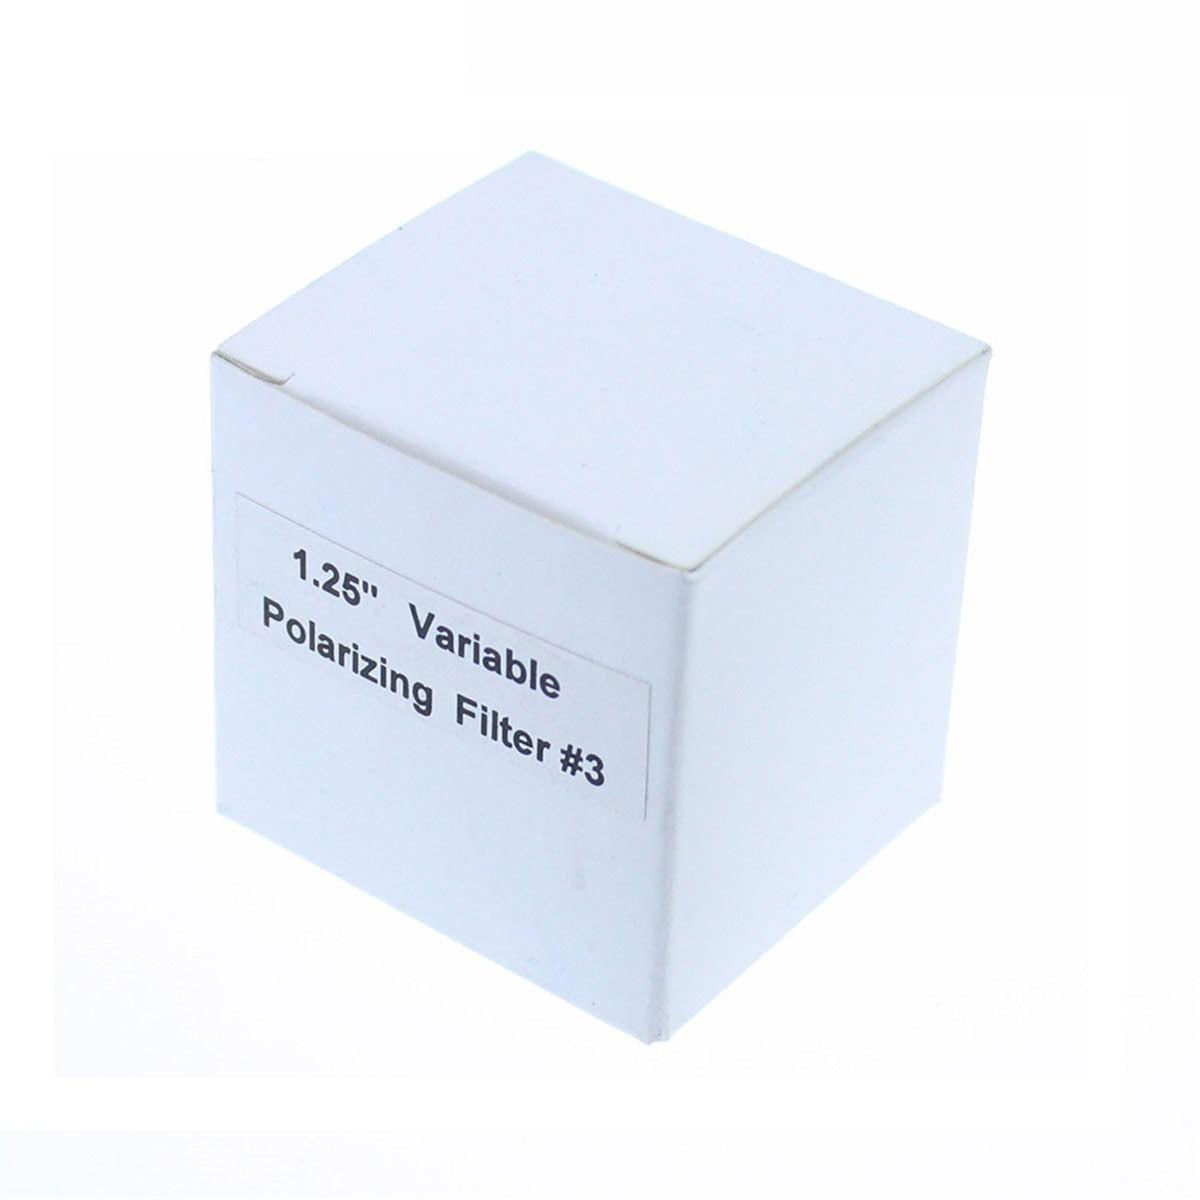 """Filtro Duplo Polarizado Variavel 1,25"""""""